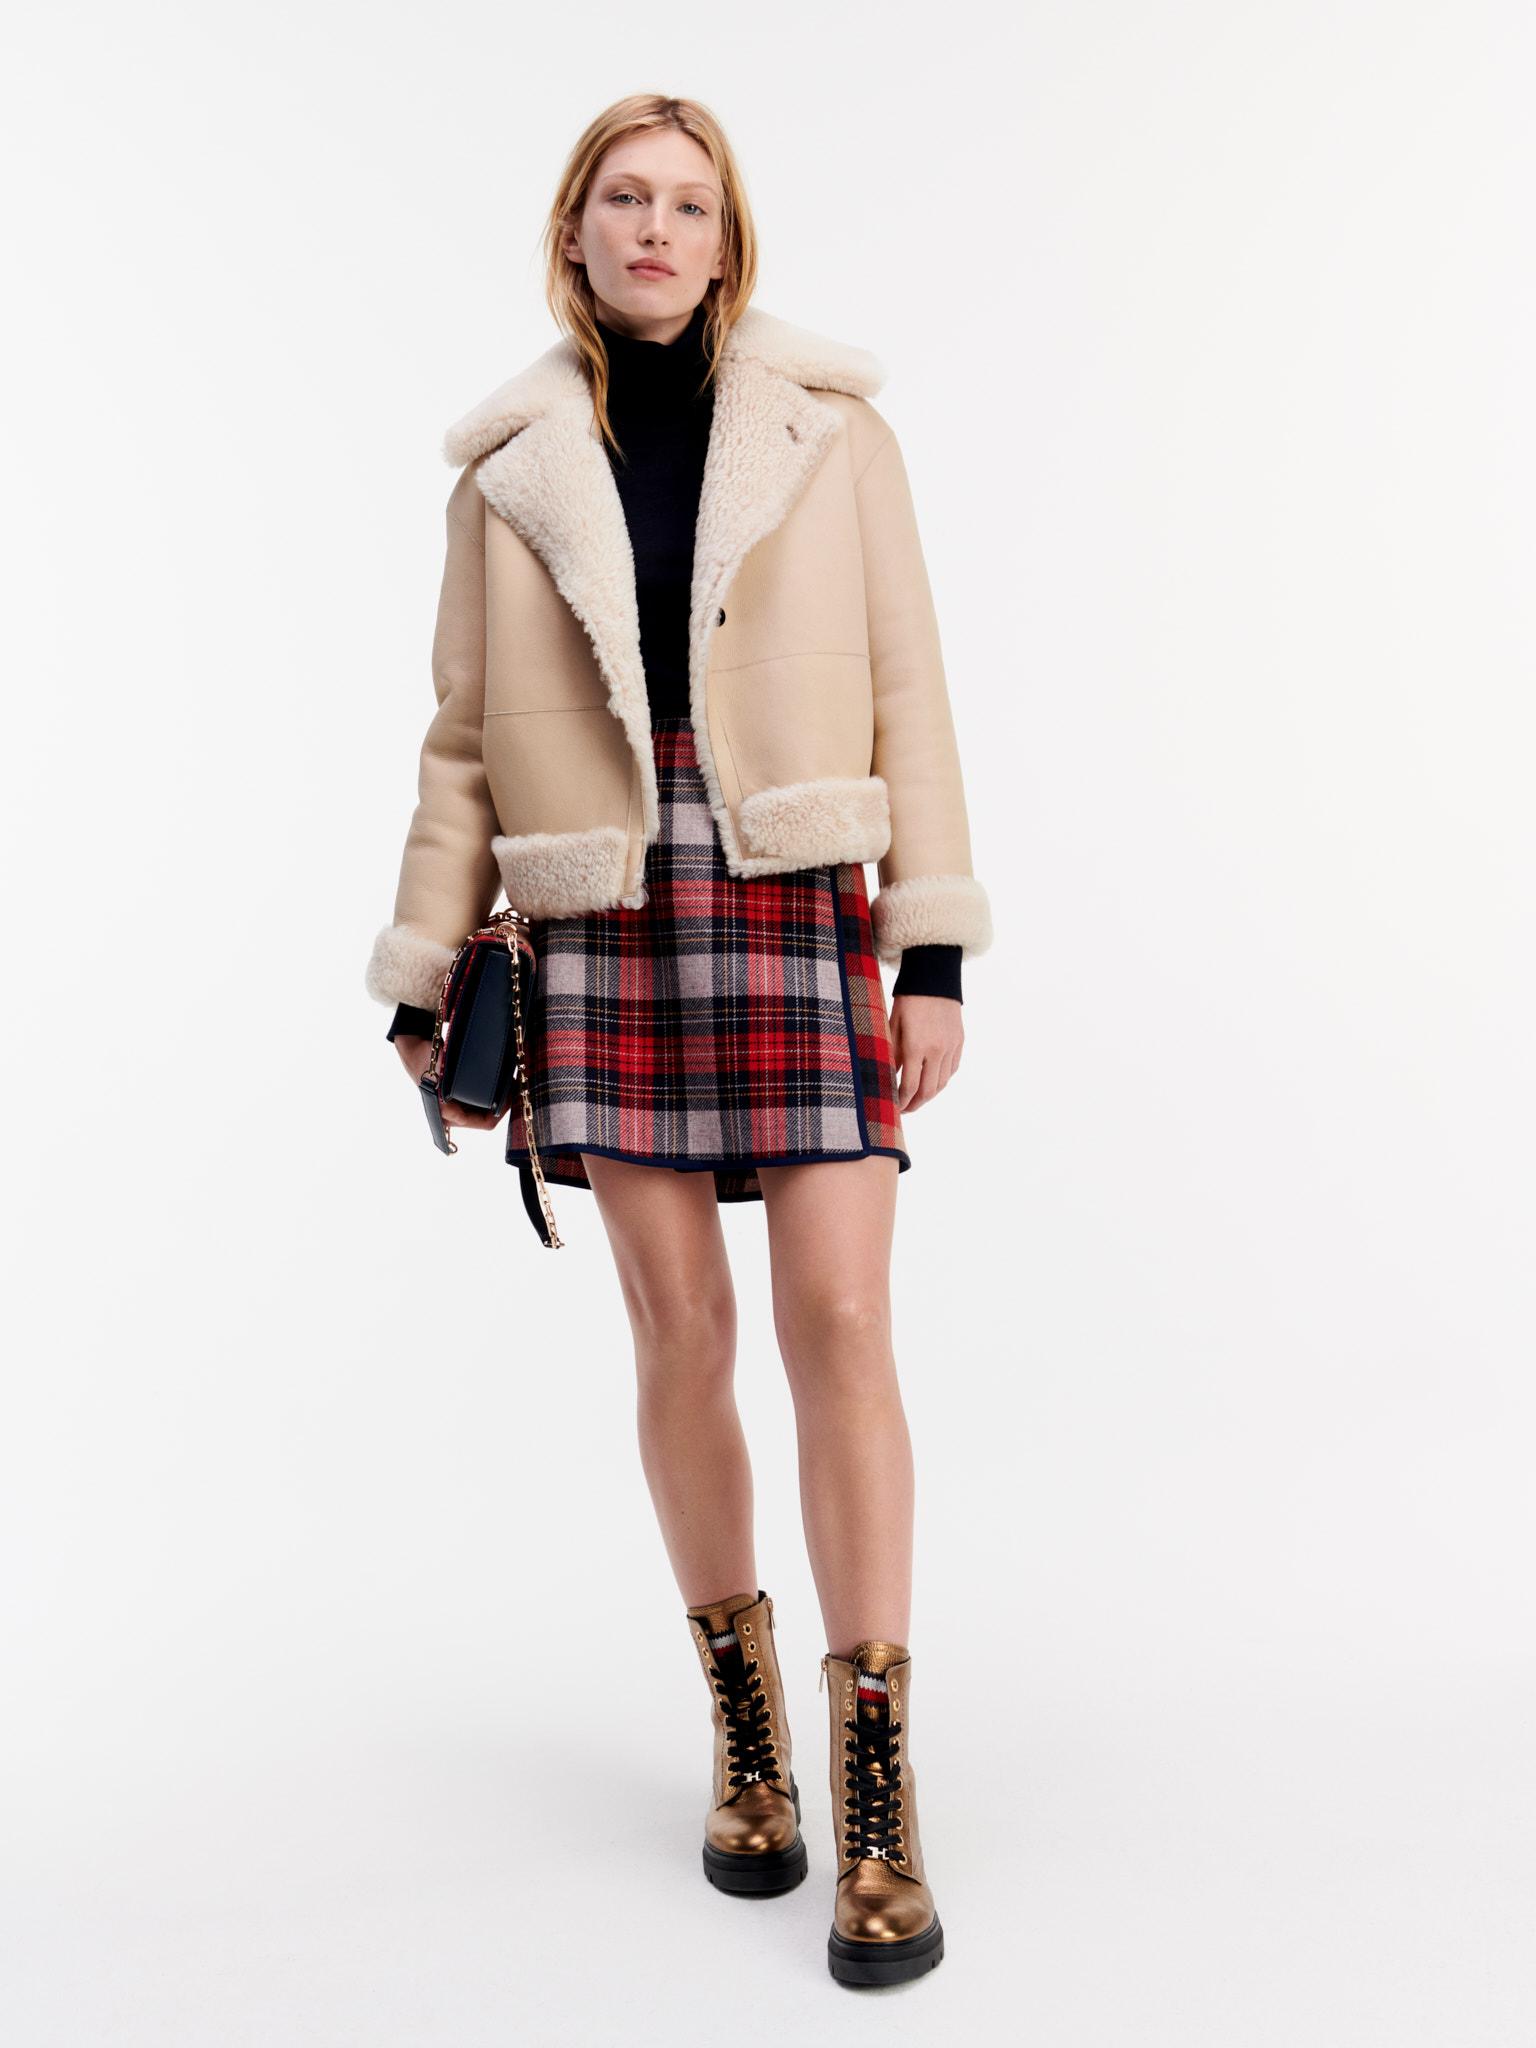 fa20_womenswear_look11